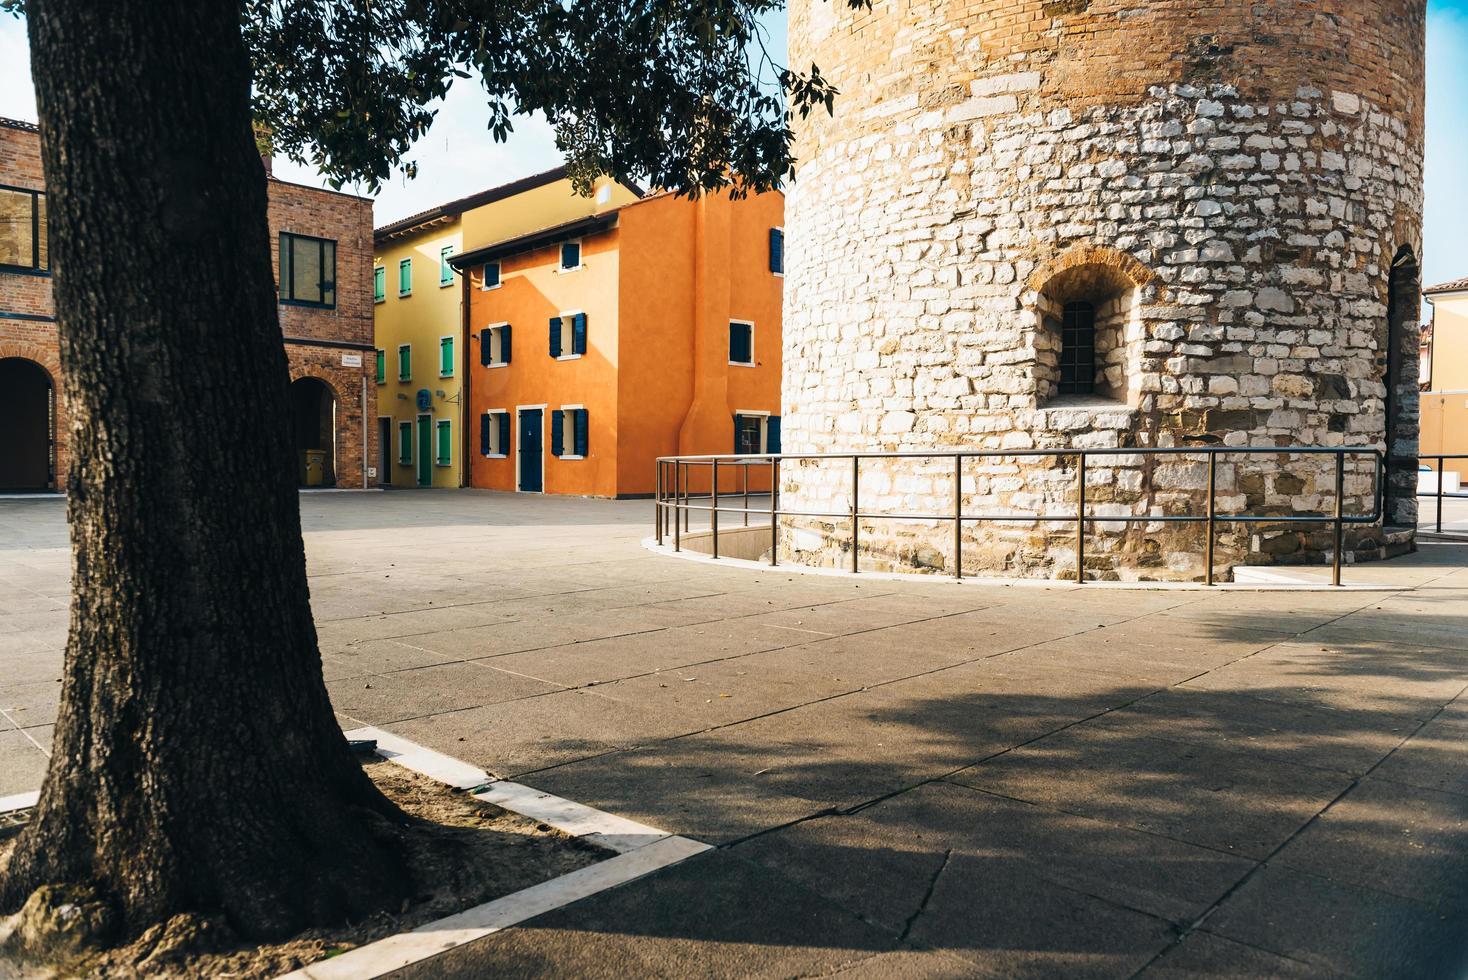 Clocher duomo santo stefano à caorle italie photo